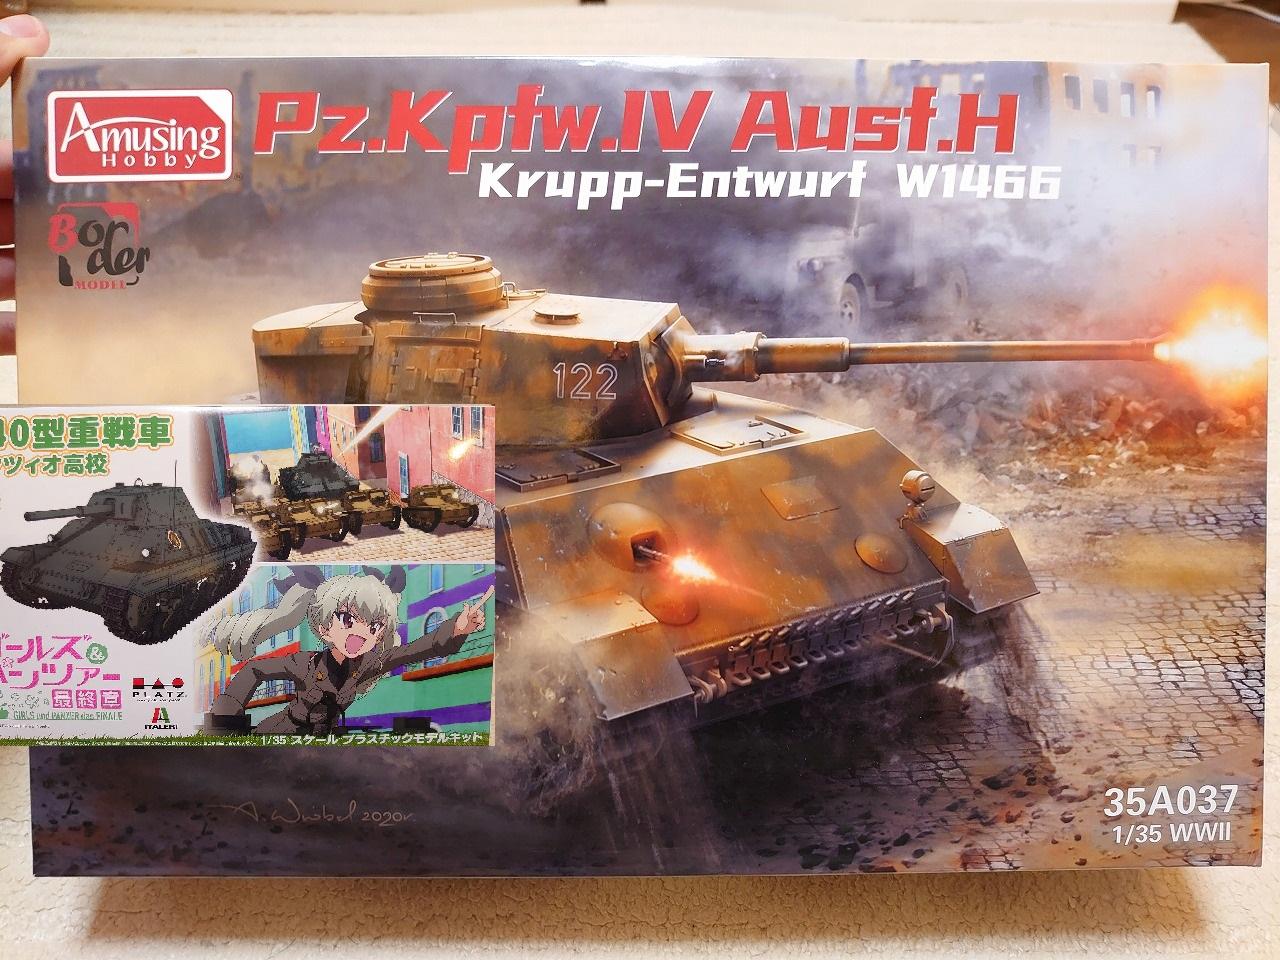 【最近購入した物】アミュージングホビー 1/35 ドイツ陸軍 4号戦車 クルップ計画型とプラッツ ガールズ&パンツァー最終章 P40型重戦車 アンツィオ高校 1/35スケール